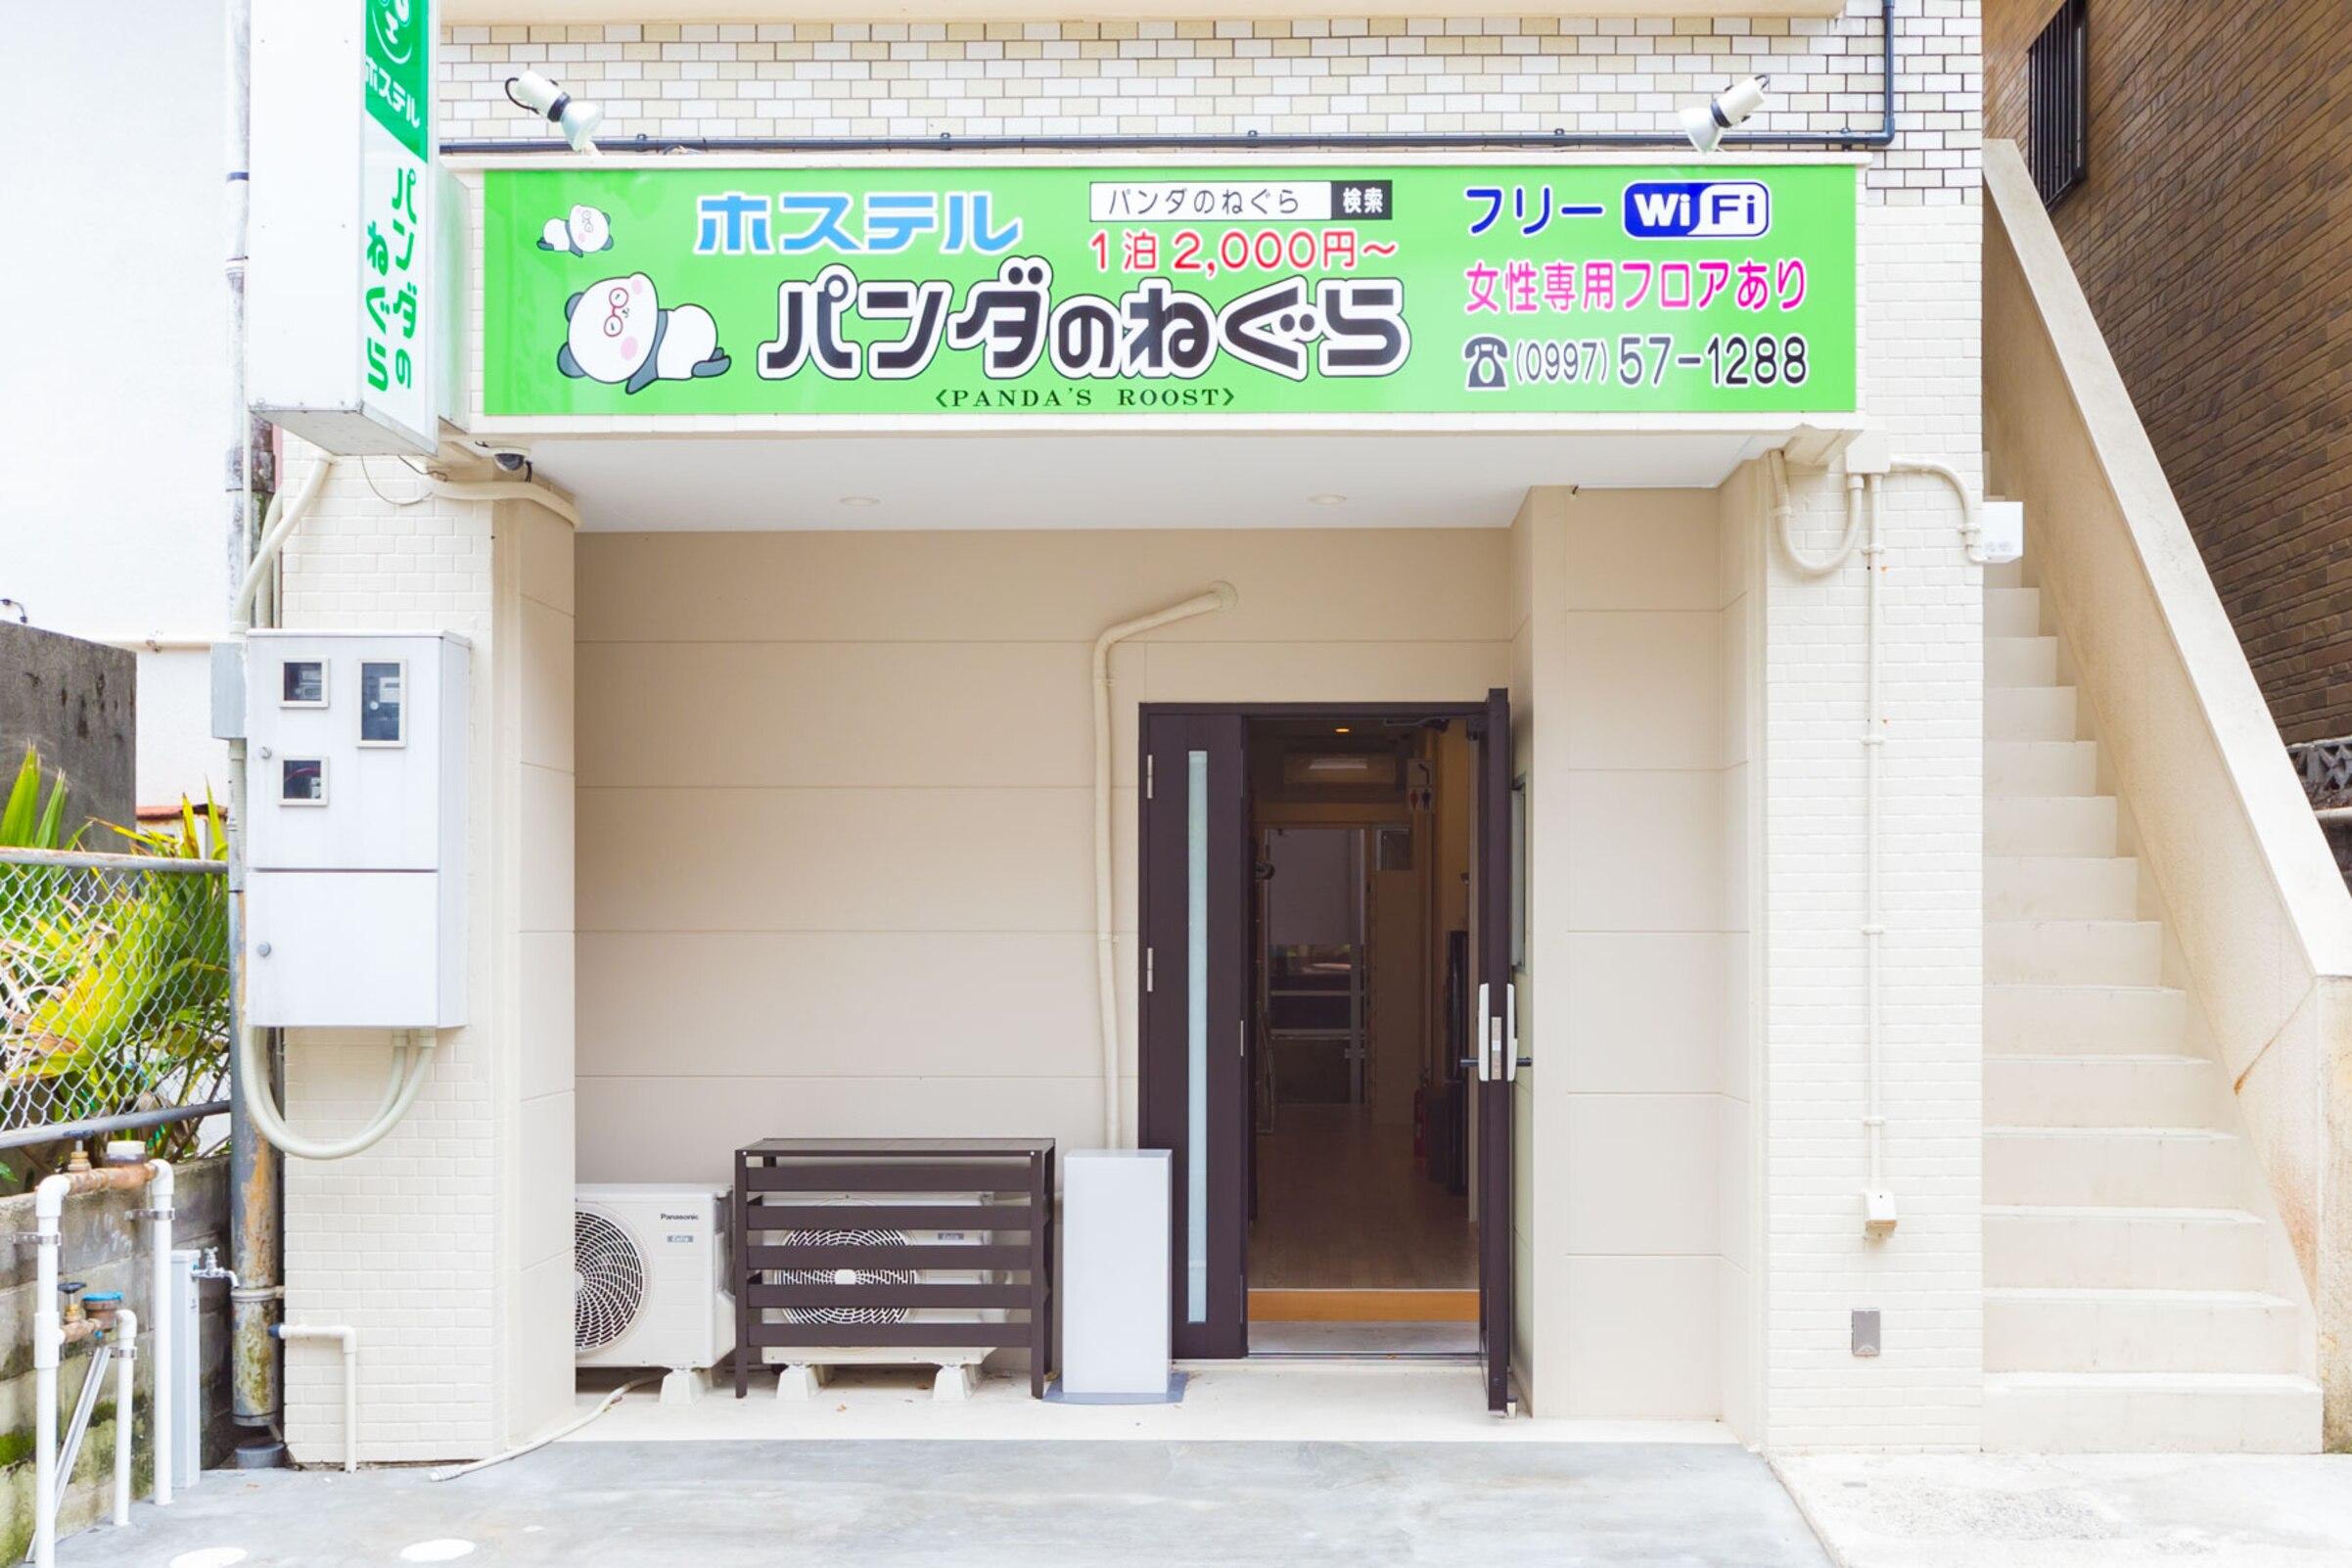 ホステル パンダのねぐら<奄美大島>